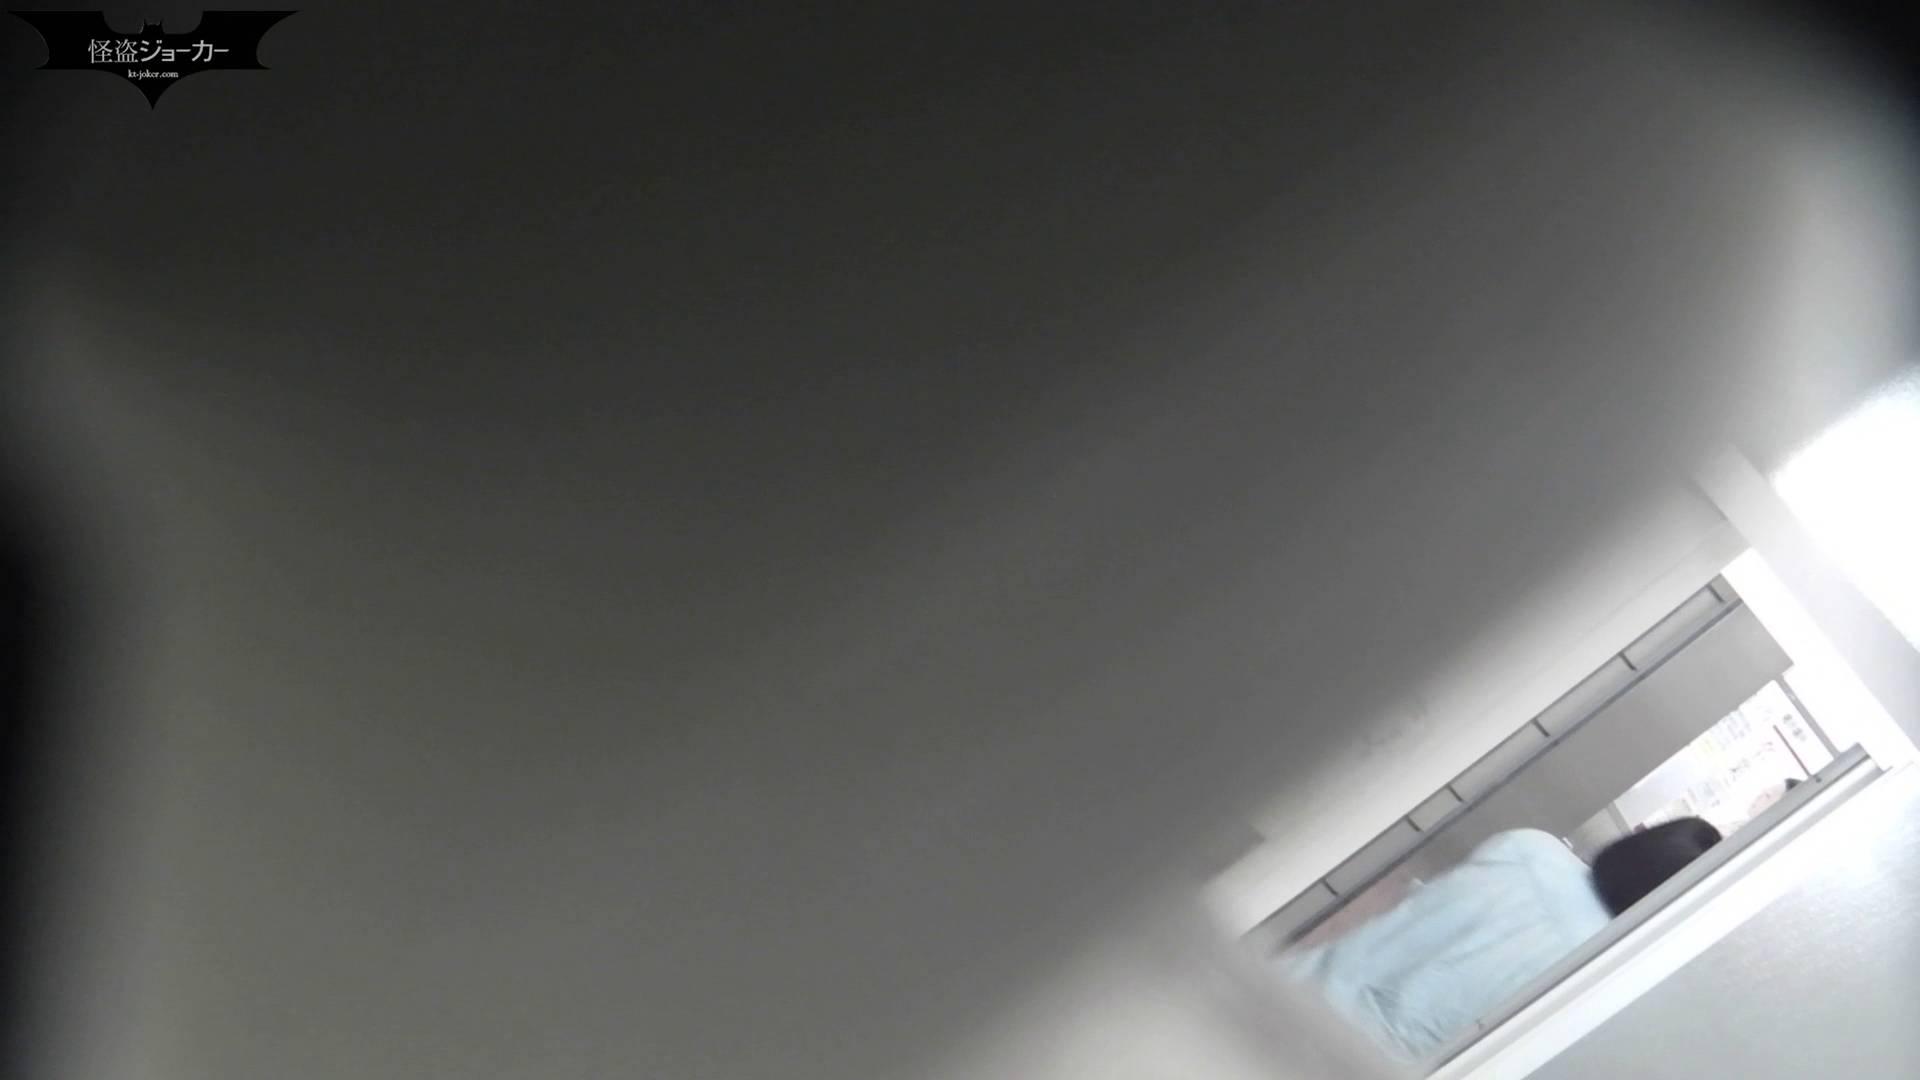 洗面所特攻隊 vol.047 モリモリ、ふきふきにスーパーズーム! 高画質 われめAV動画紹介 101枚 9